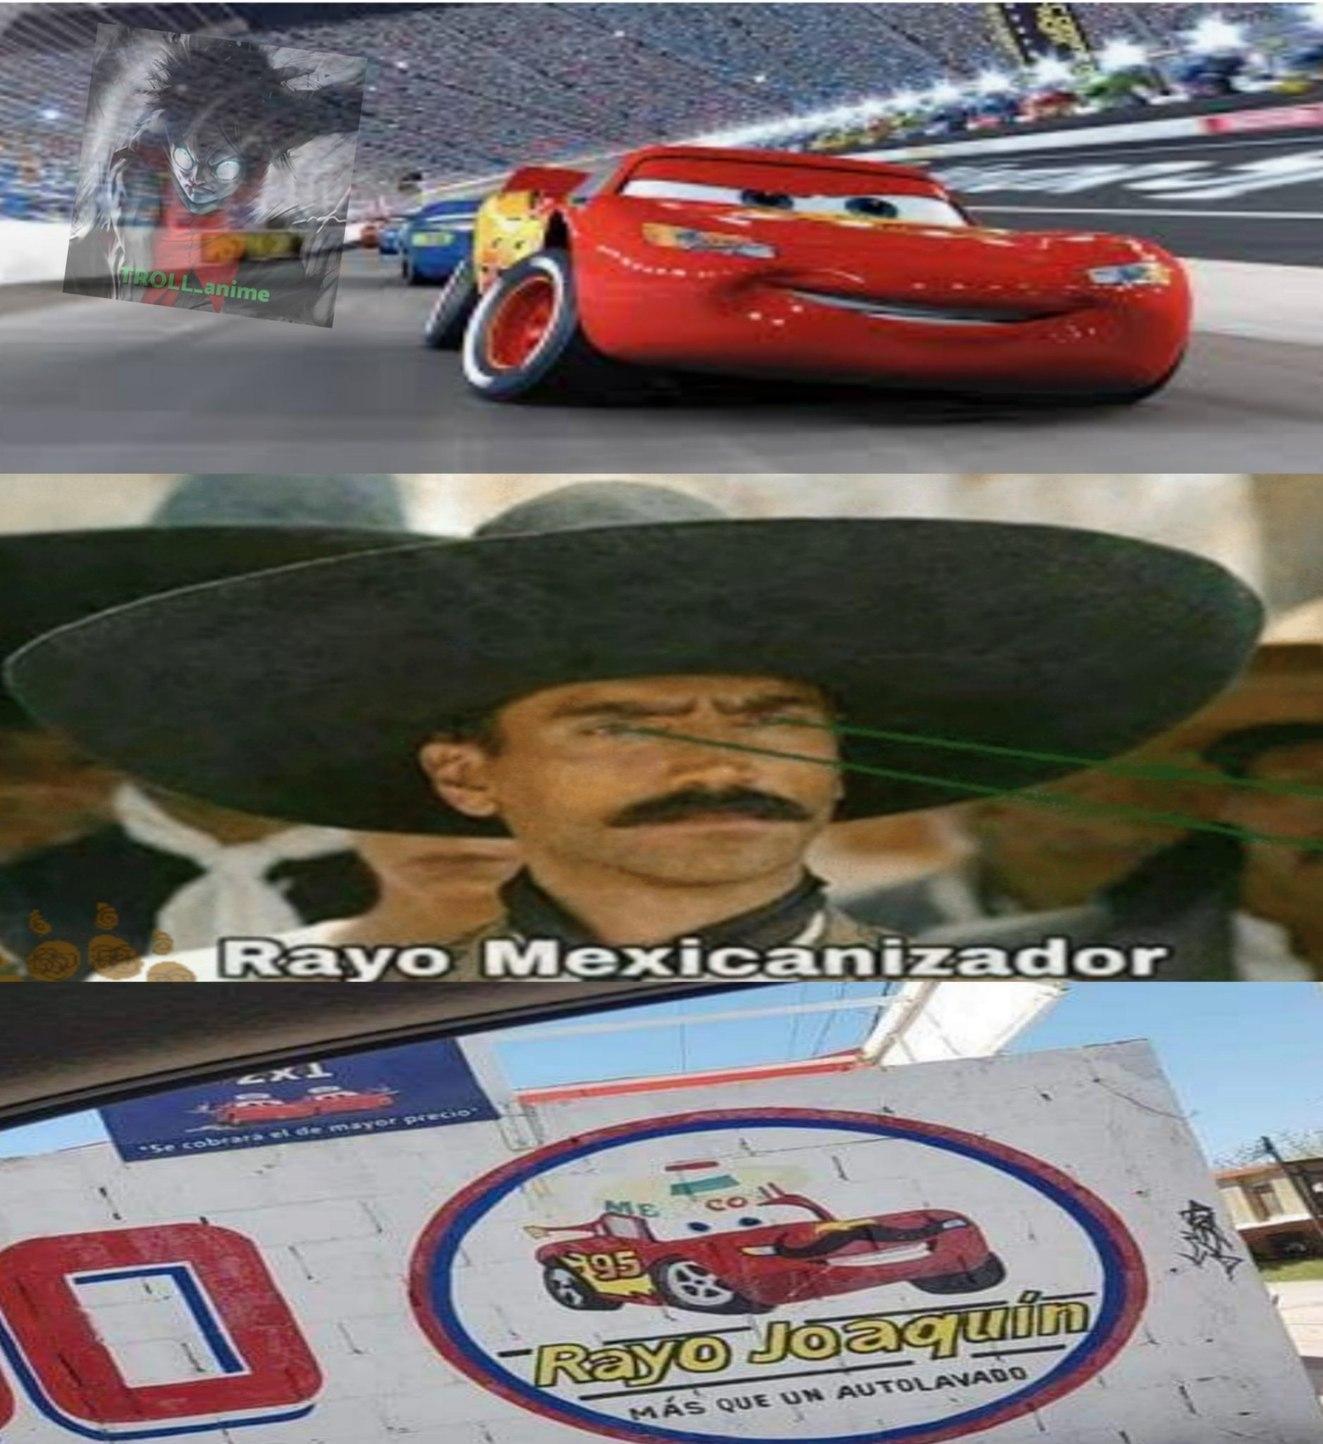 Meme original, perdon sibya hay un meme asi